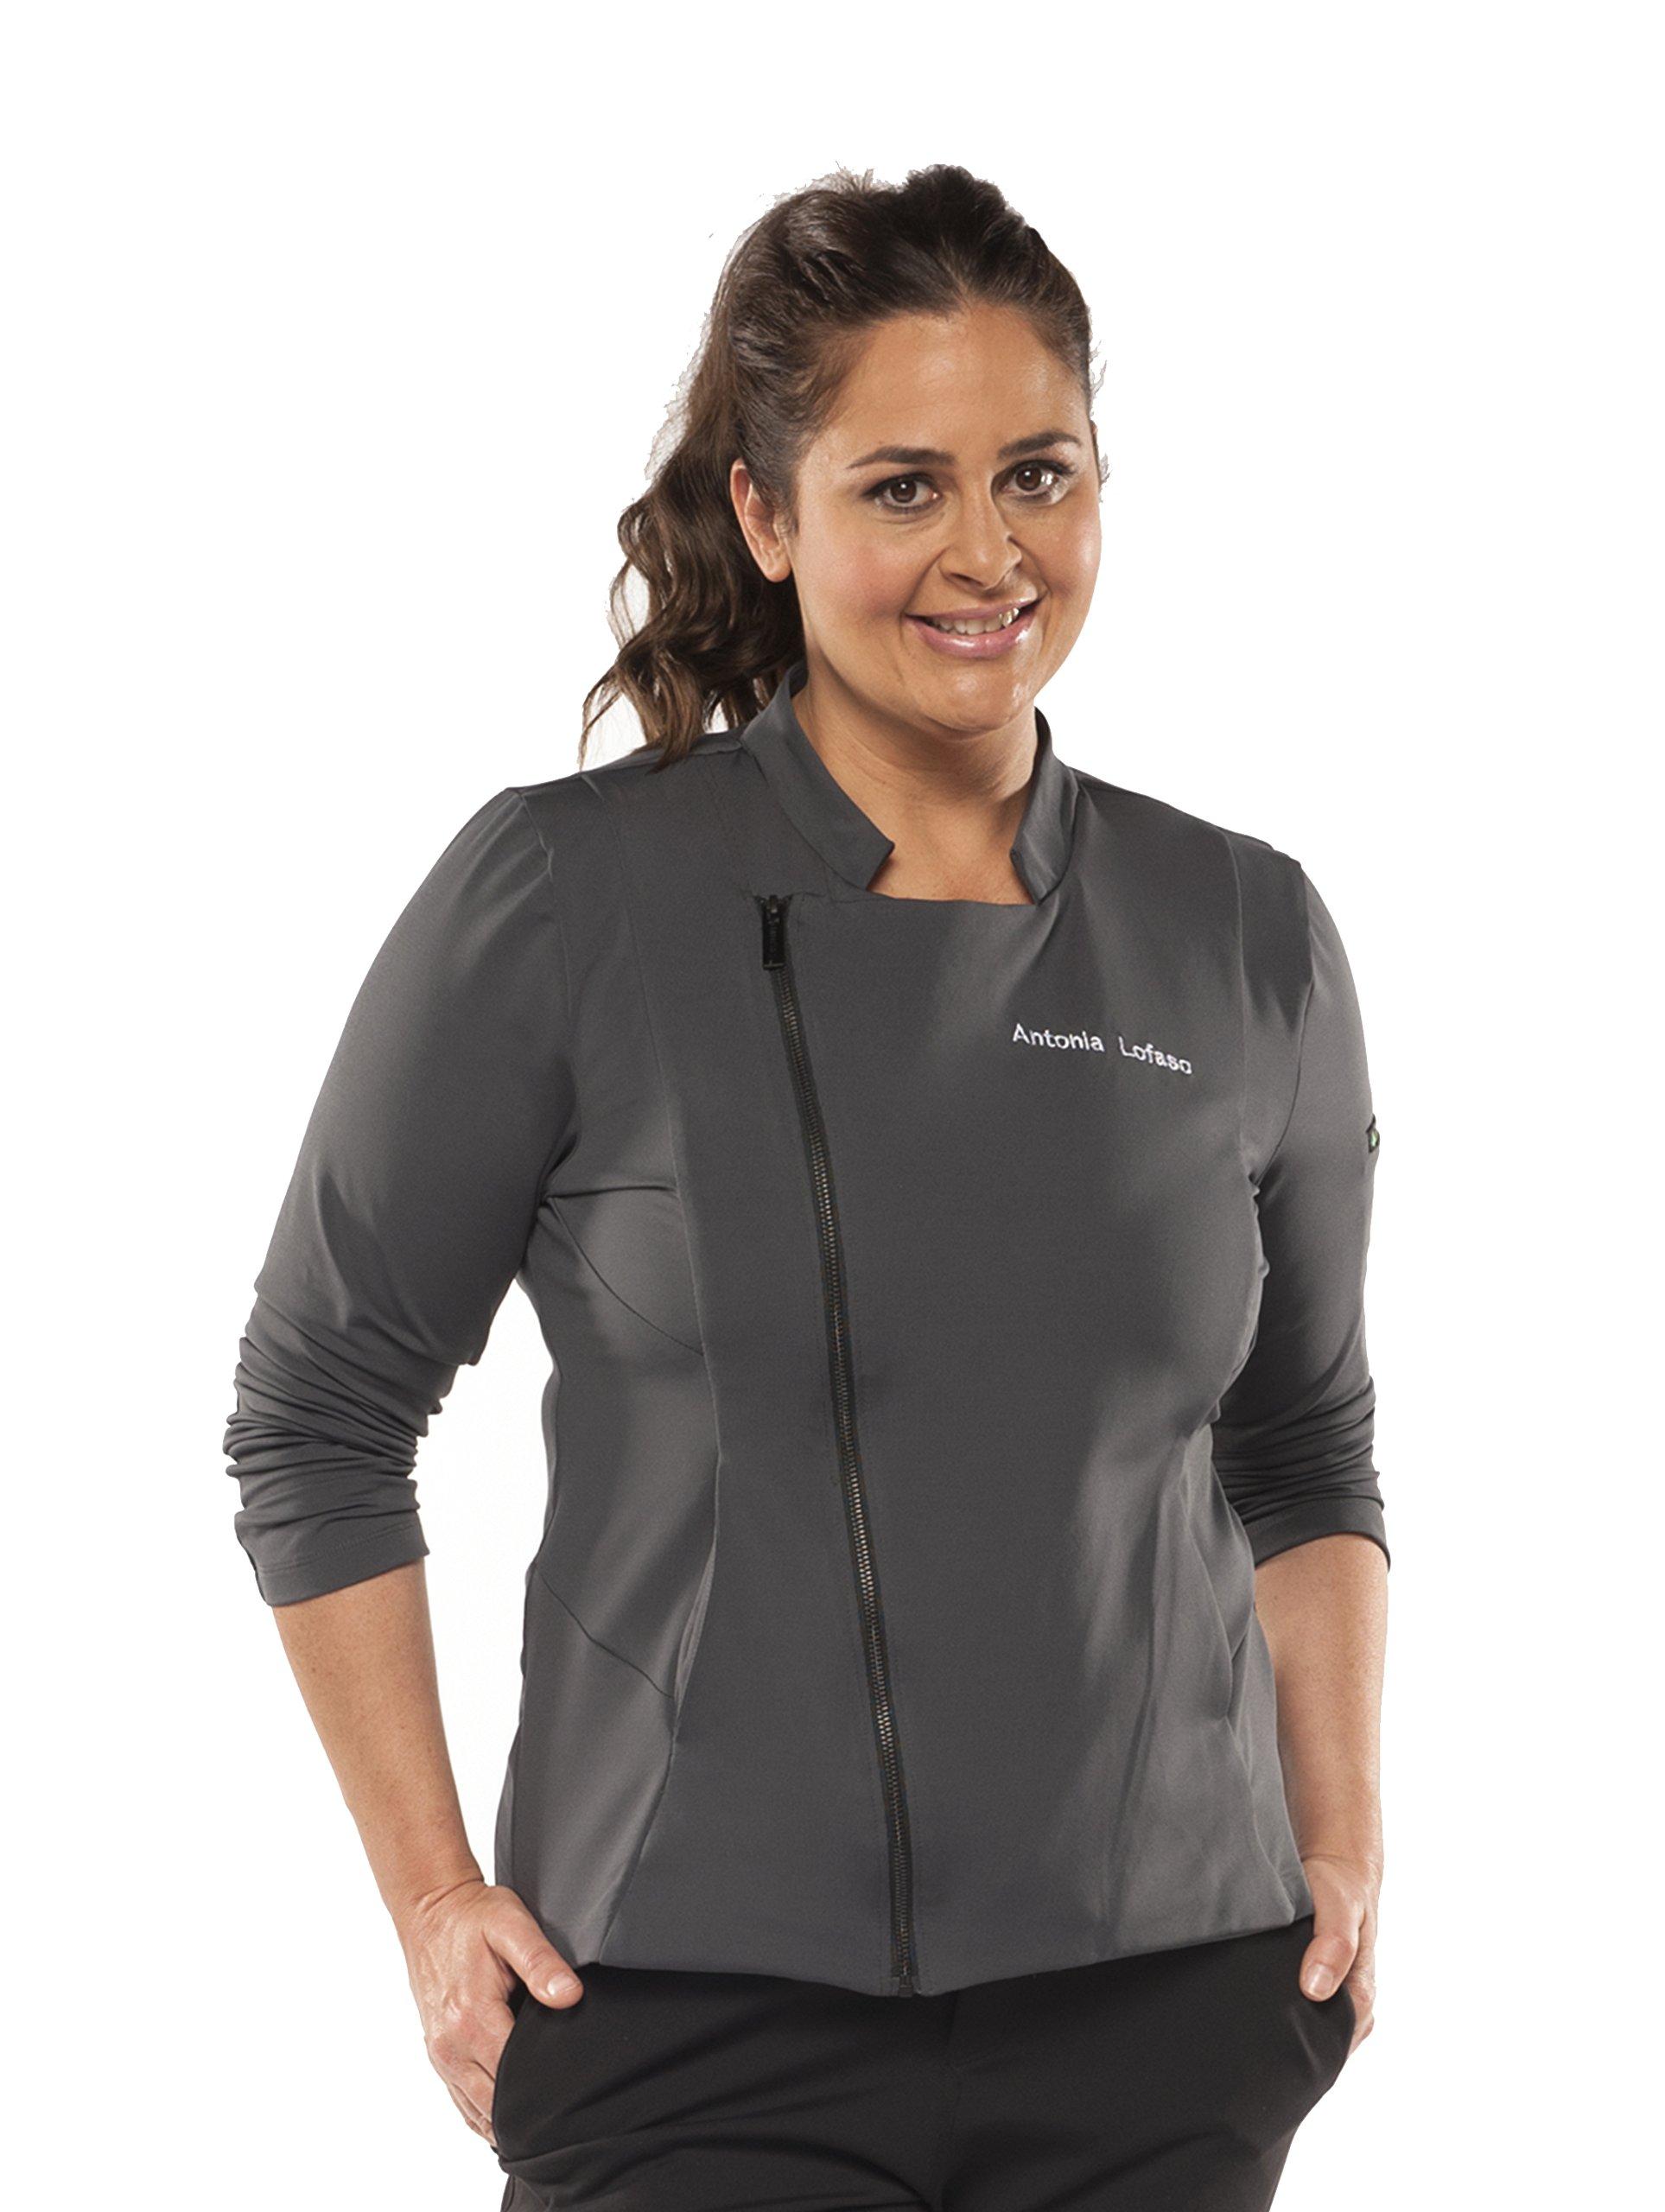 Chefletics ''Antonia'' Coat (Small, Charcoal)